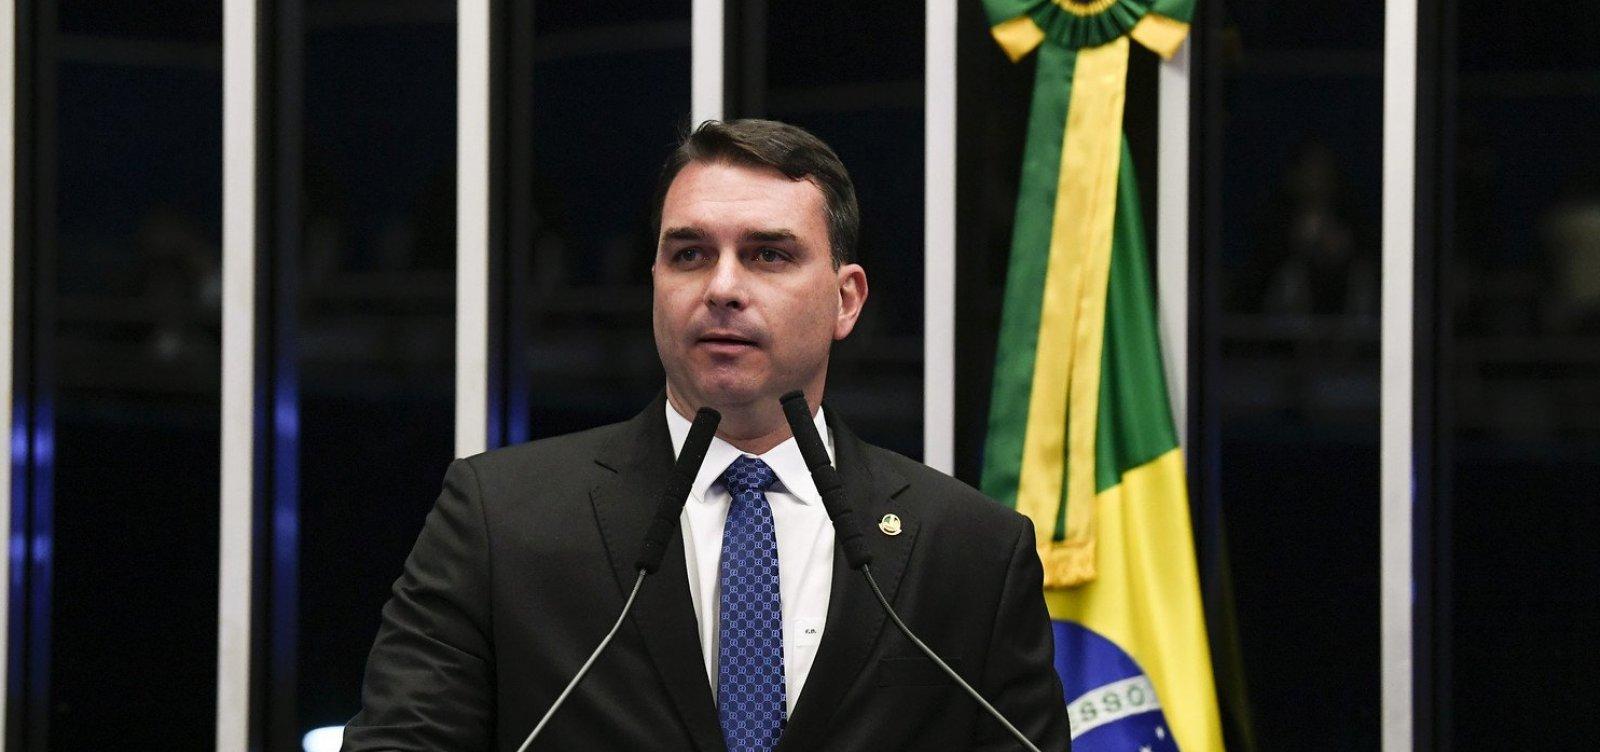 [Flávio Bolsonaro repassou R$ 500 mil do fundo público partidário a advogado investigado no caso Queiroz]